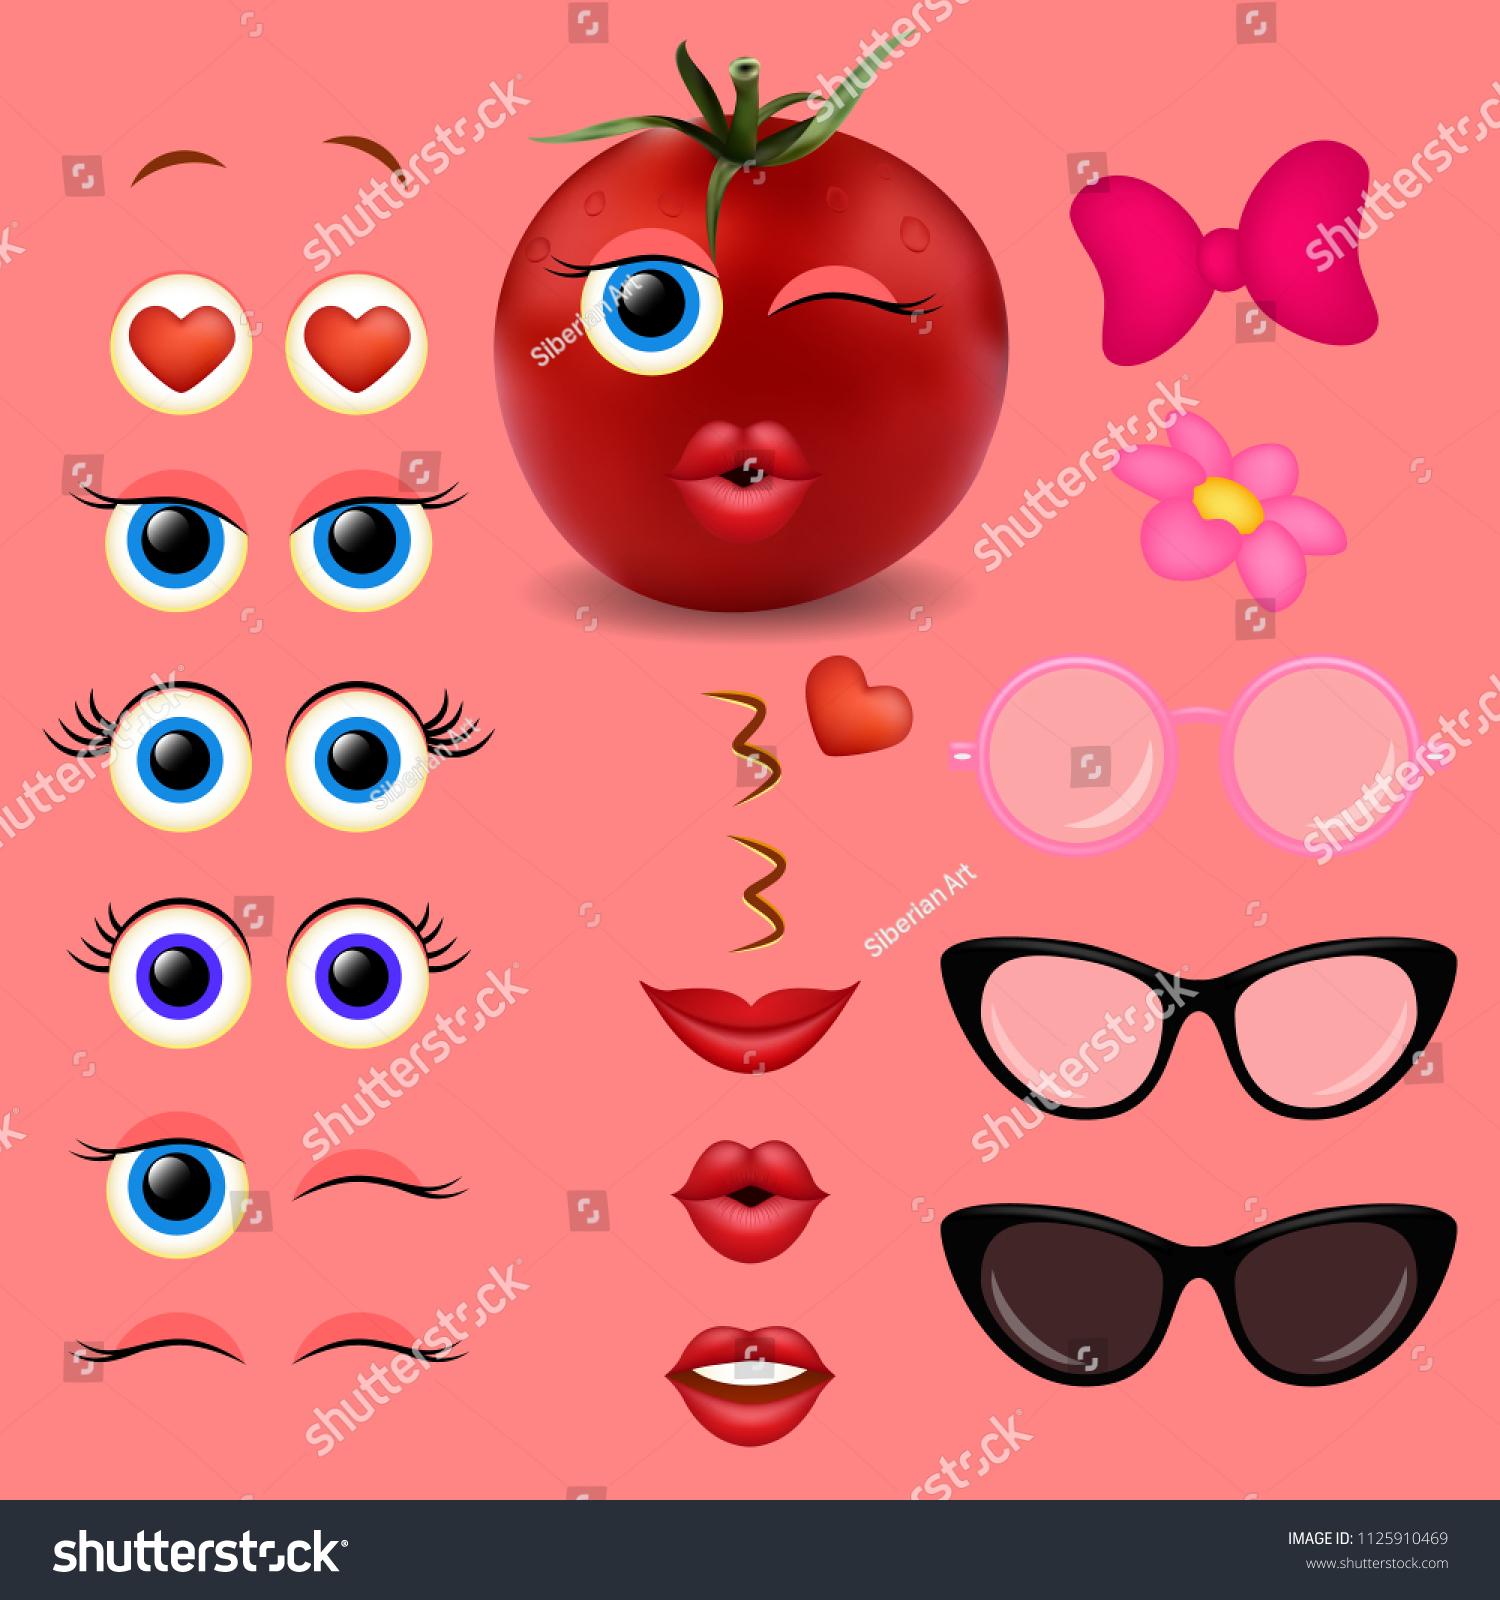 Vector de stock (libre de regalías) sobre Tomato Girl Emoji